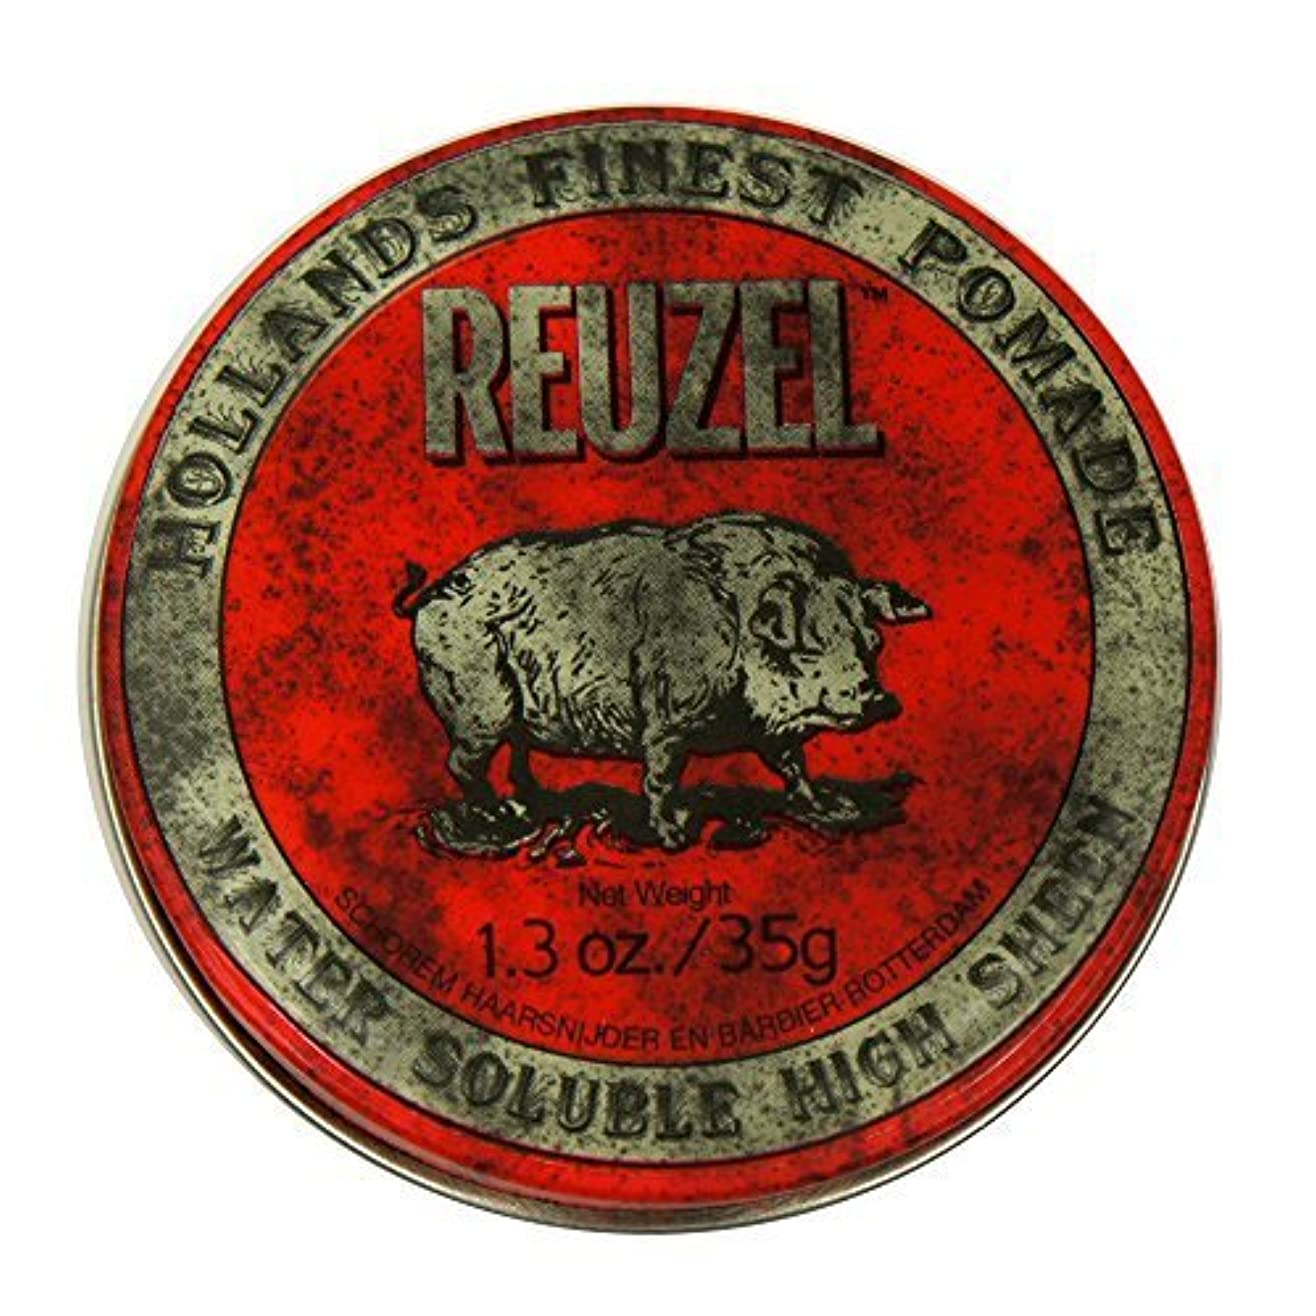 地獄スコアウルルReuzel Red Hair Pomade Piglet 1.3oz [並行輸入品]